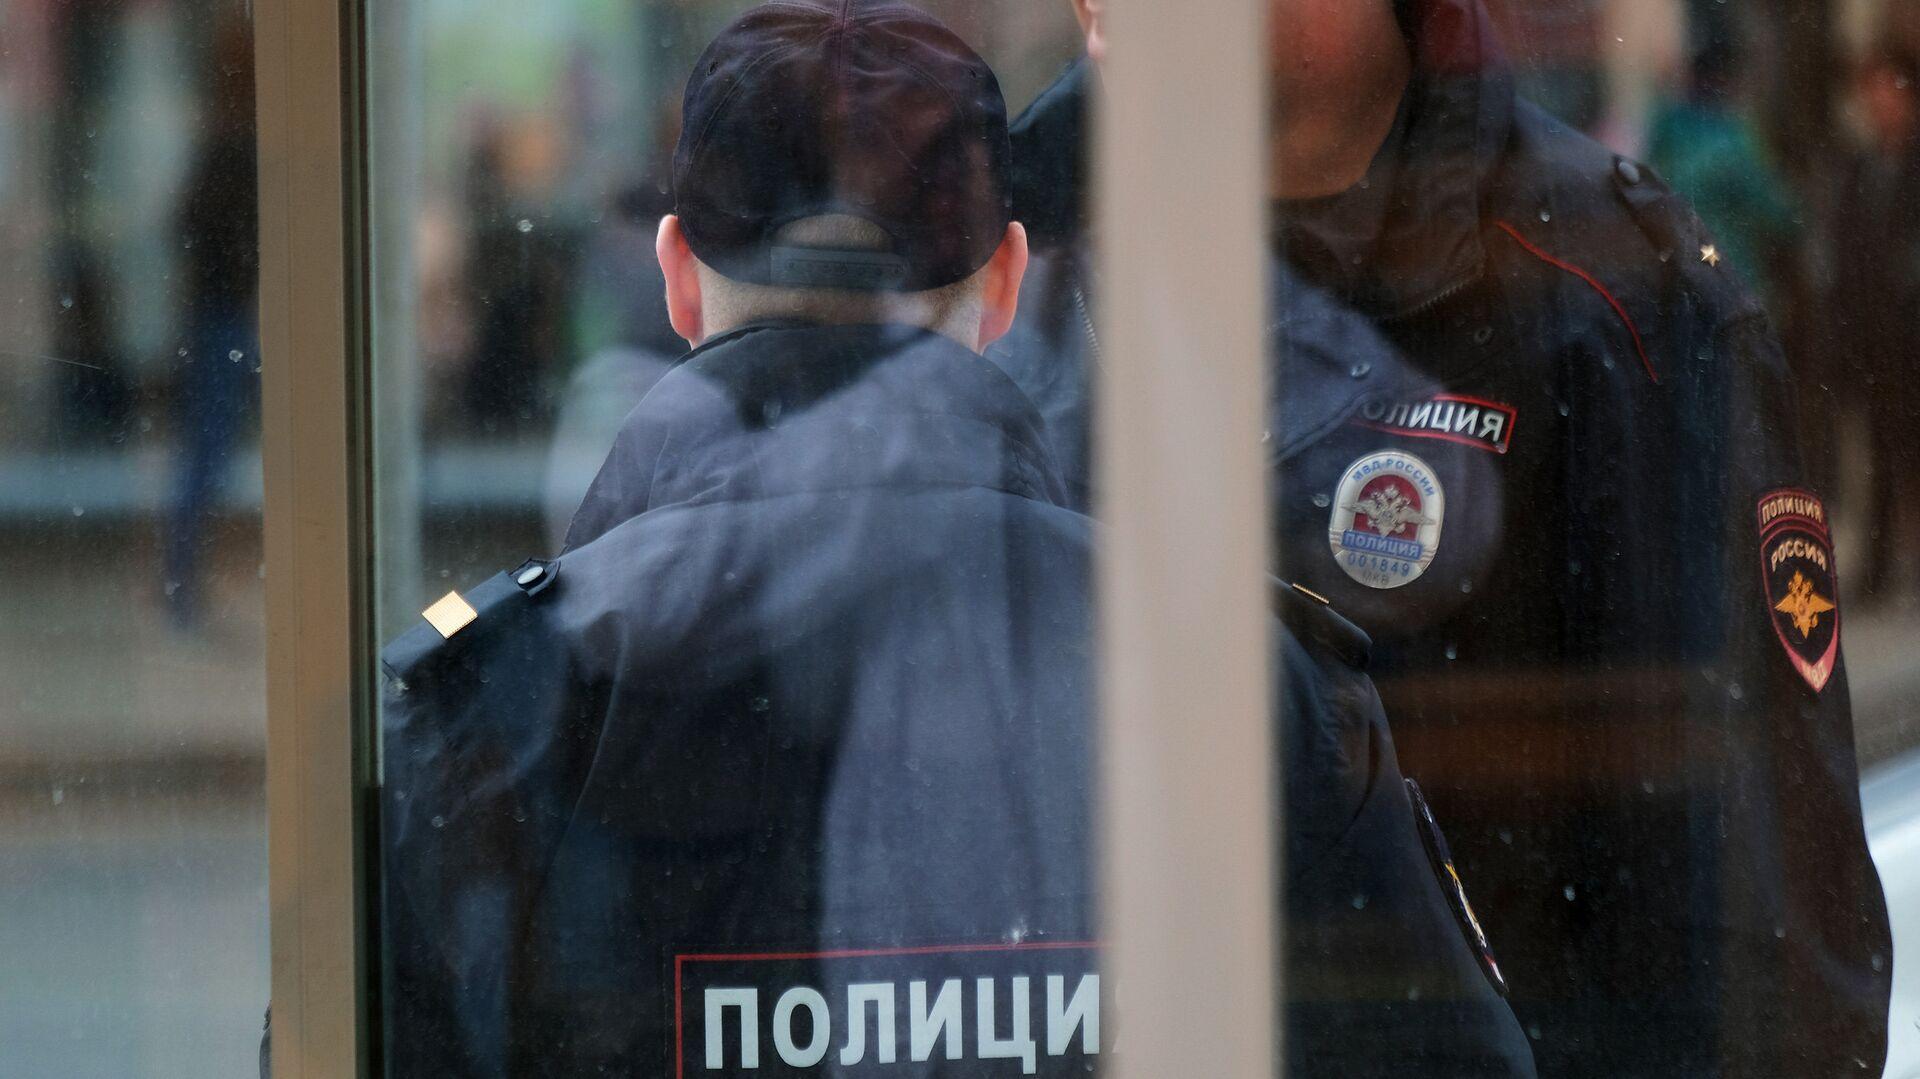 В Екатеринбурге шестеро подростков сбежали из реабилитационного центра